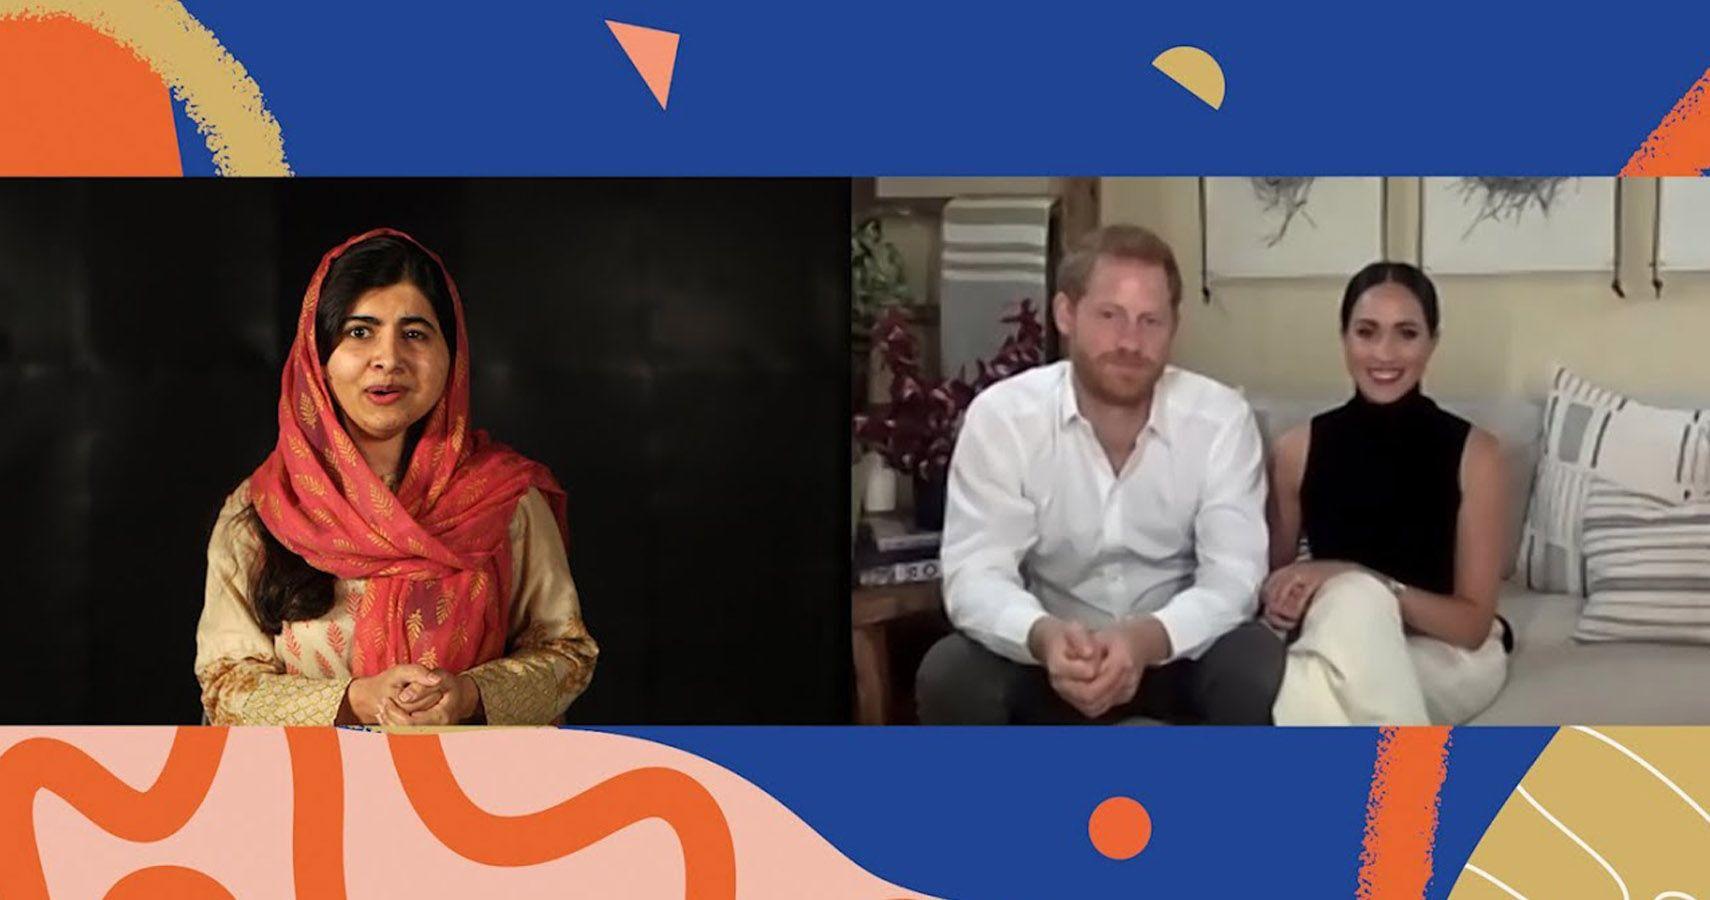 Girls' Education At Risk, Say Meghan Markle & Malala Yousafzai